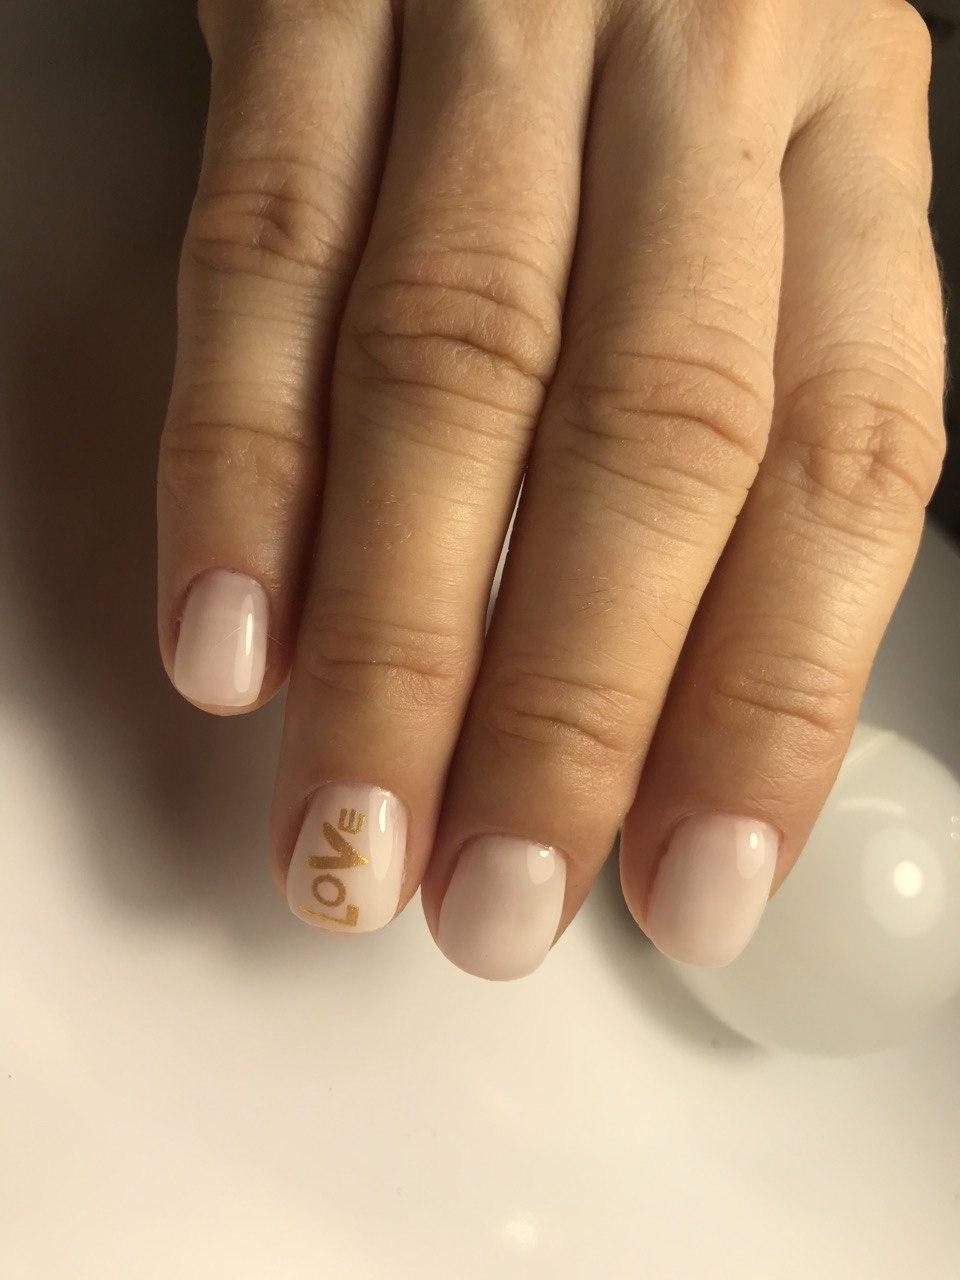 Нюдовый маникюр с надписями на короткие ногти.